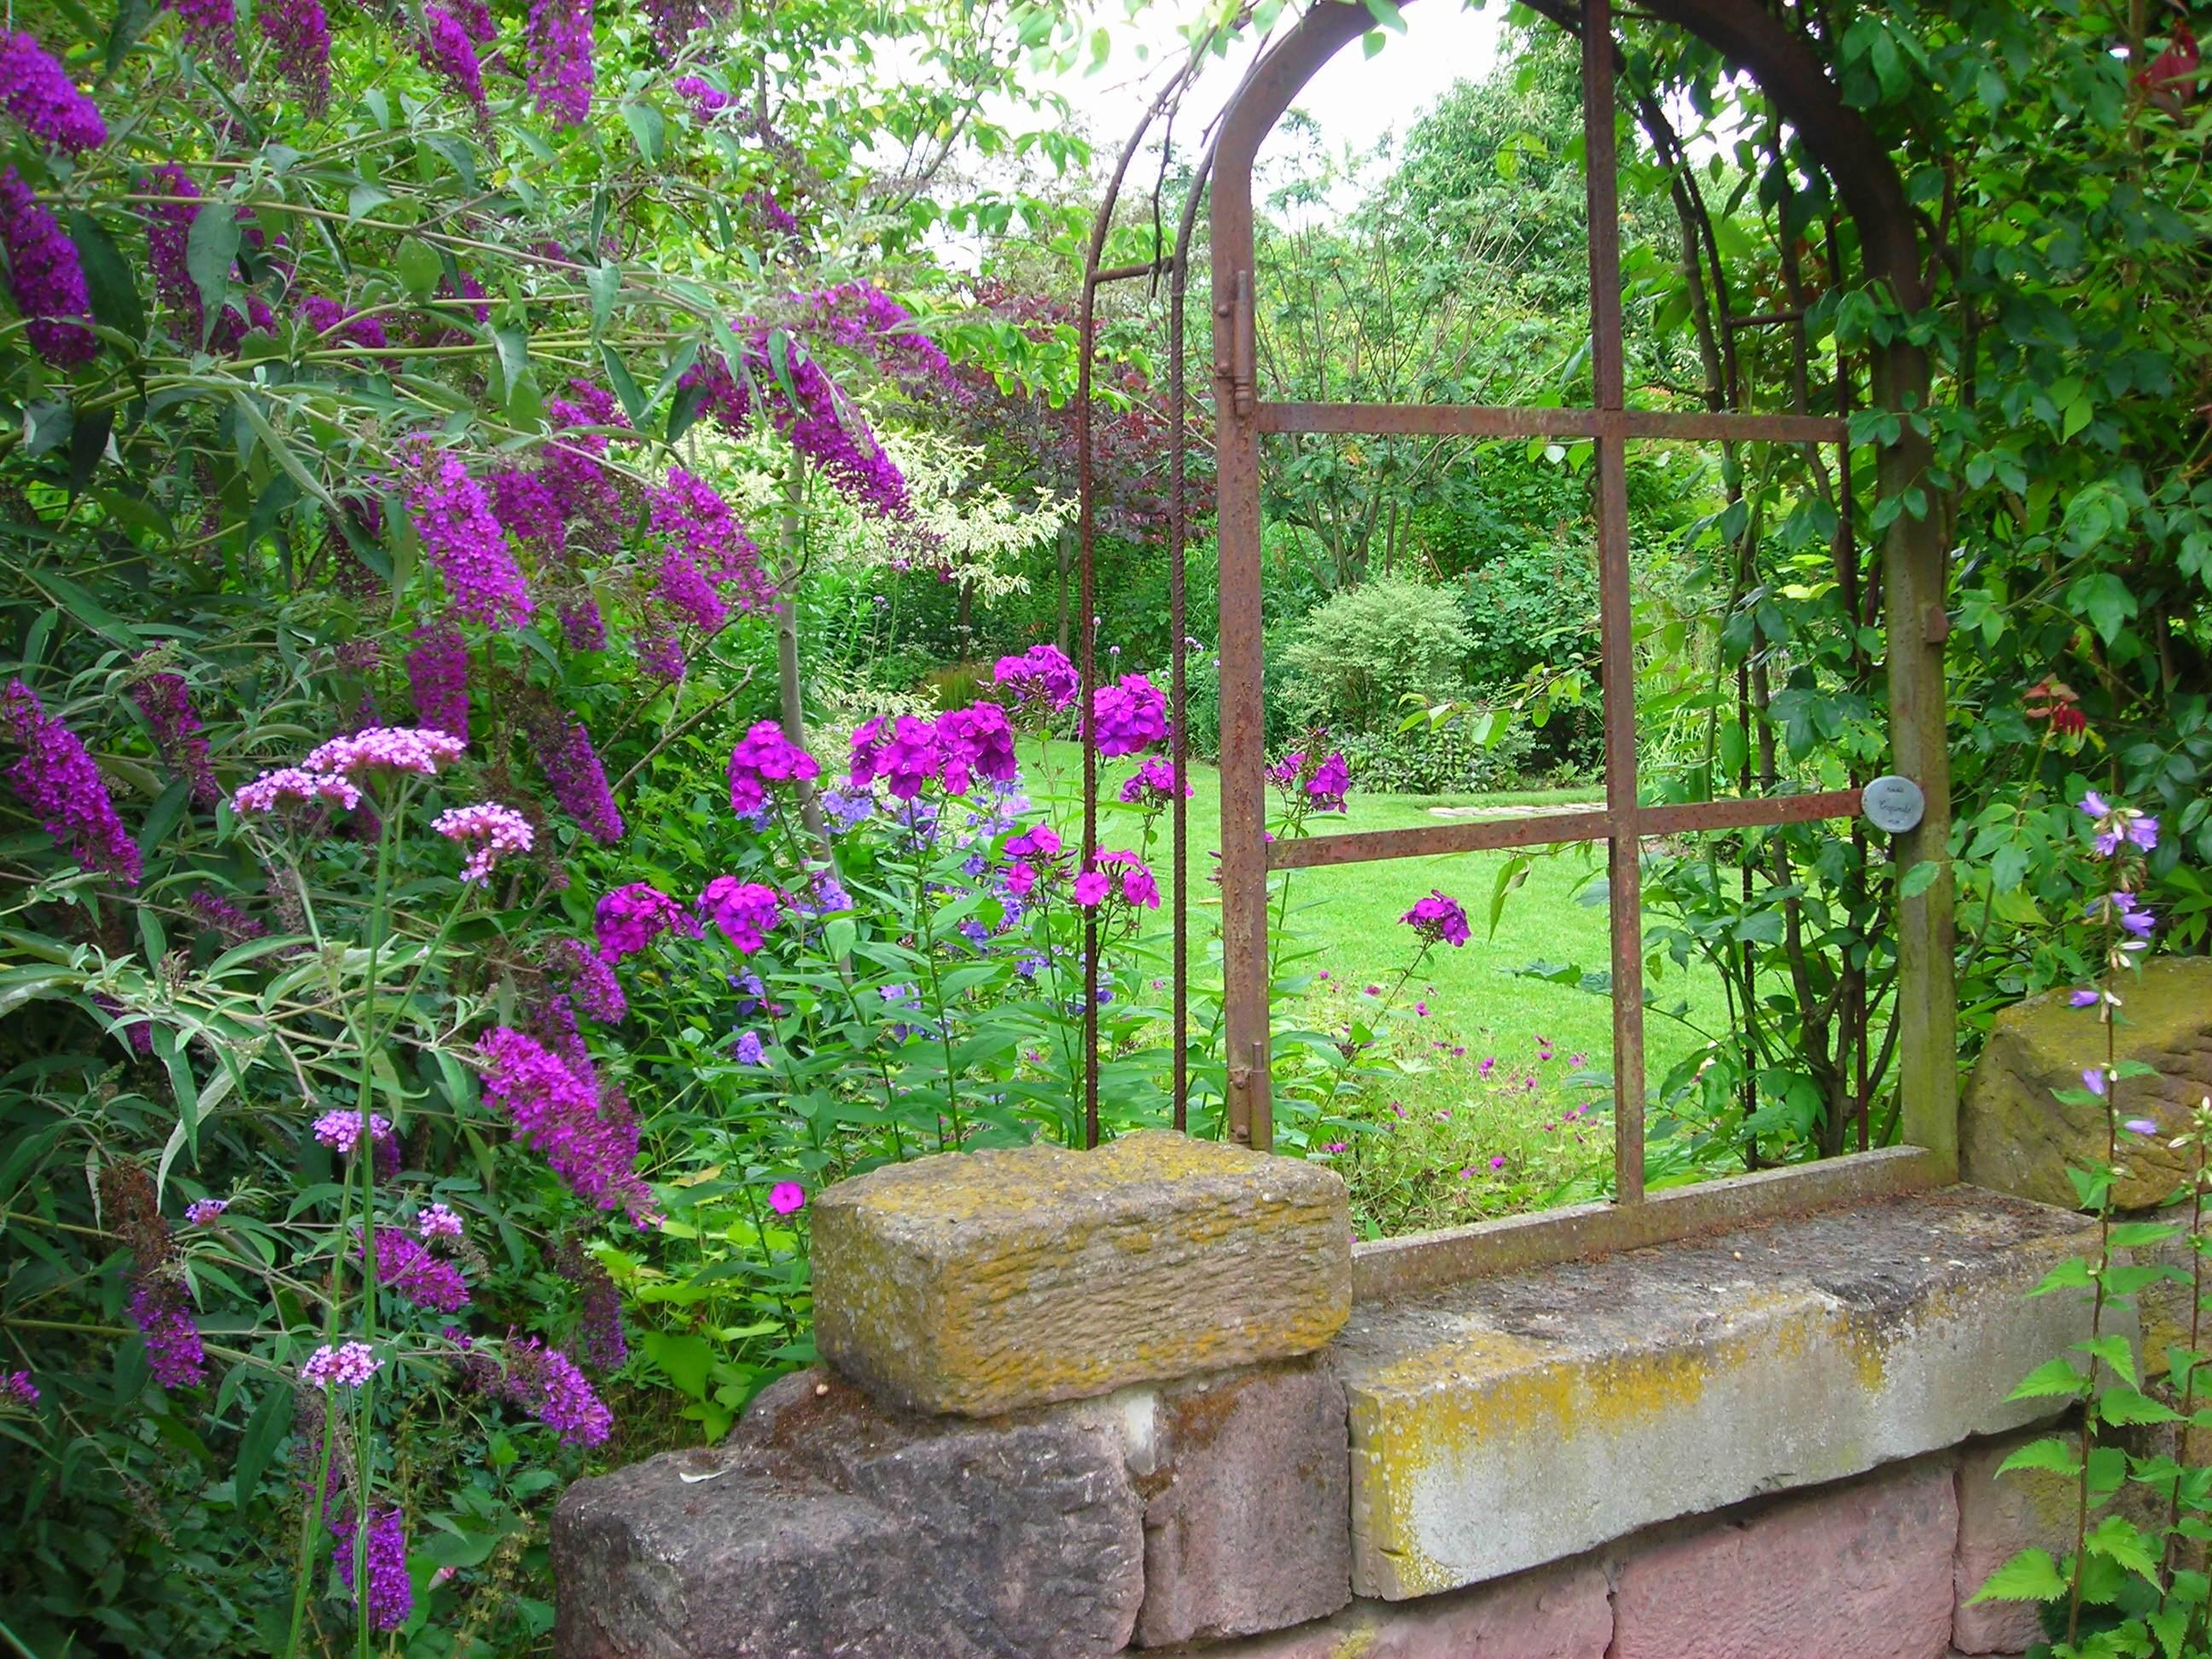 Les jardins remarquables en alsace minist re de la culture - Les jardins d alsace ...